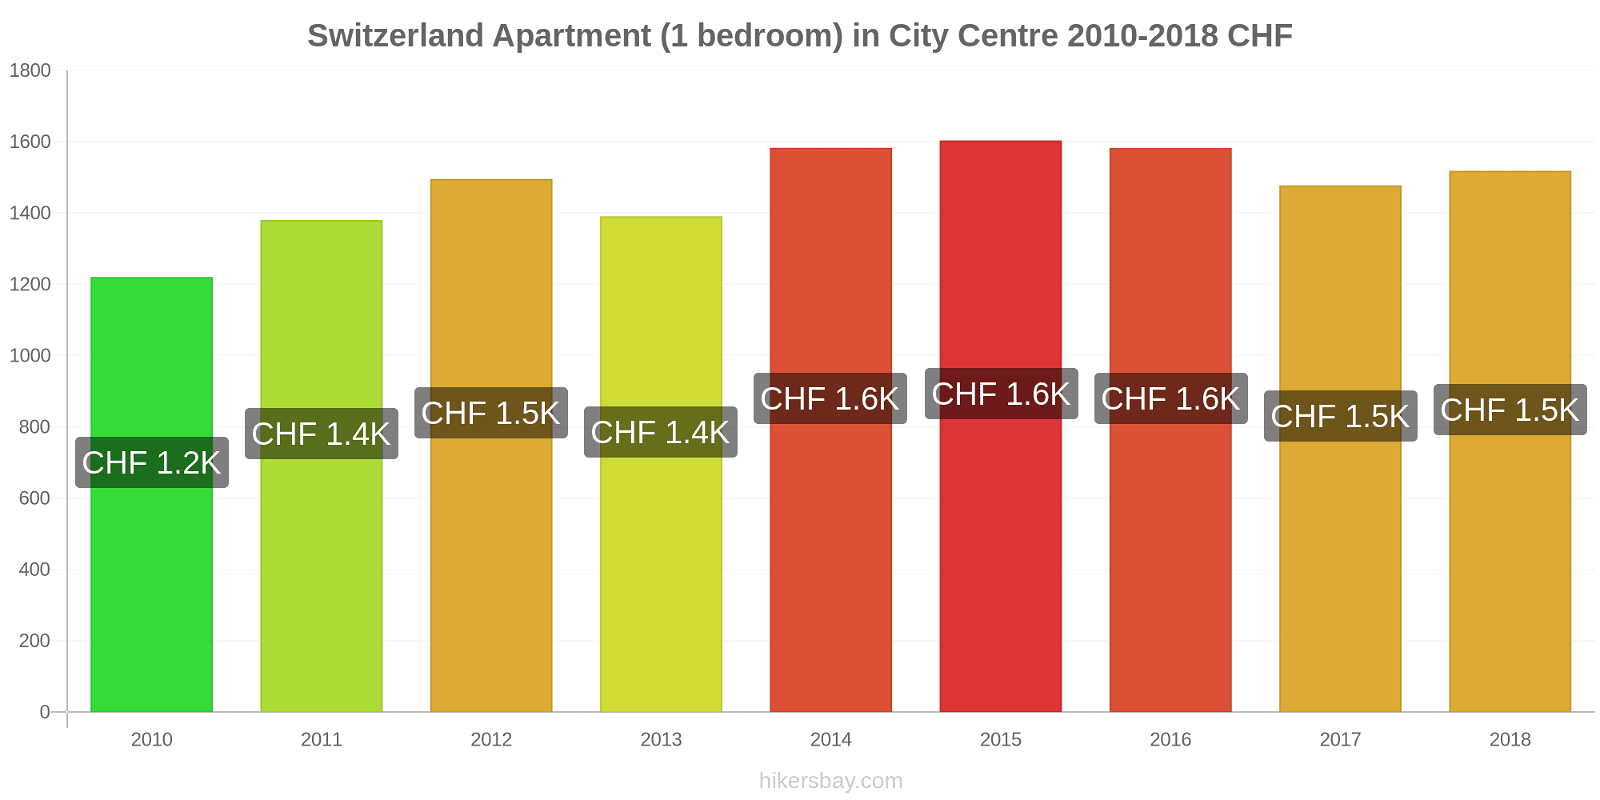 Switzerland price changes Apartment (1 bedroom) in City Centre hikersbay.com